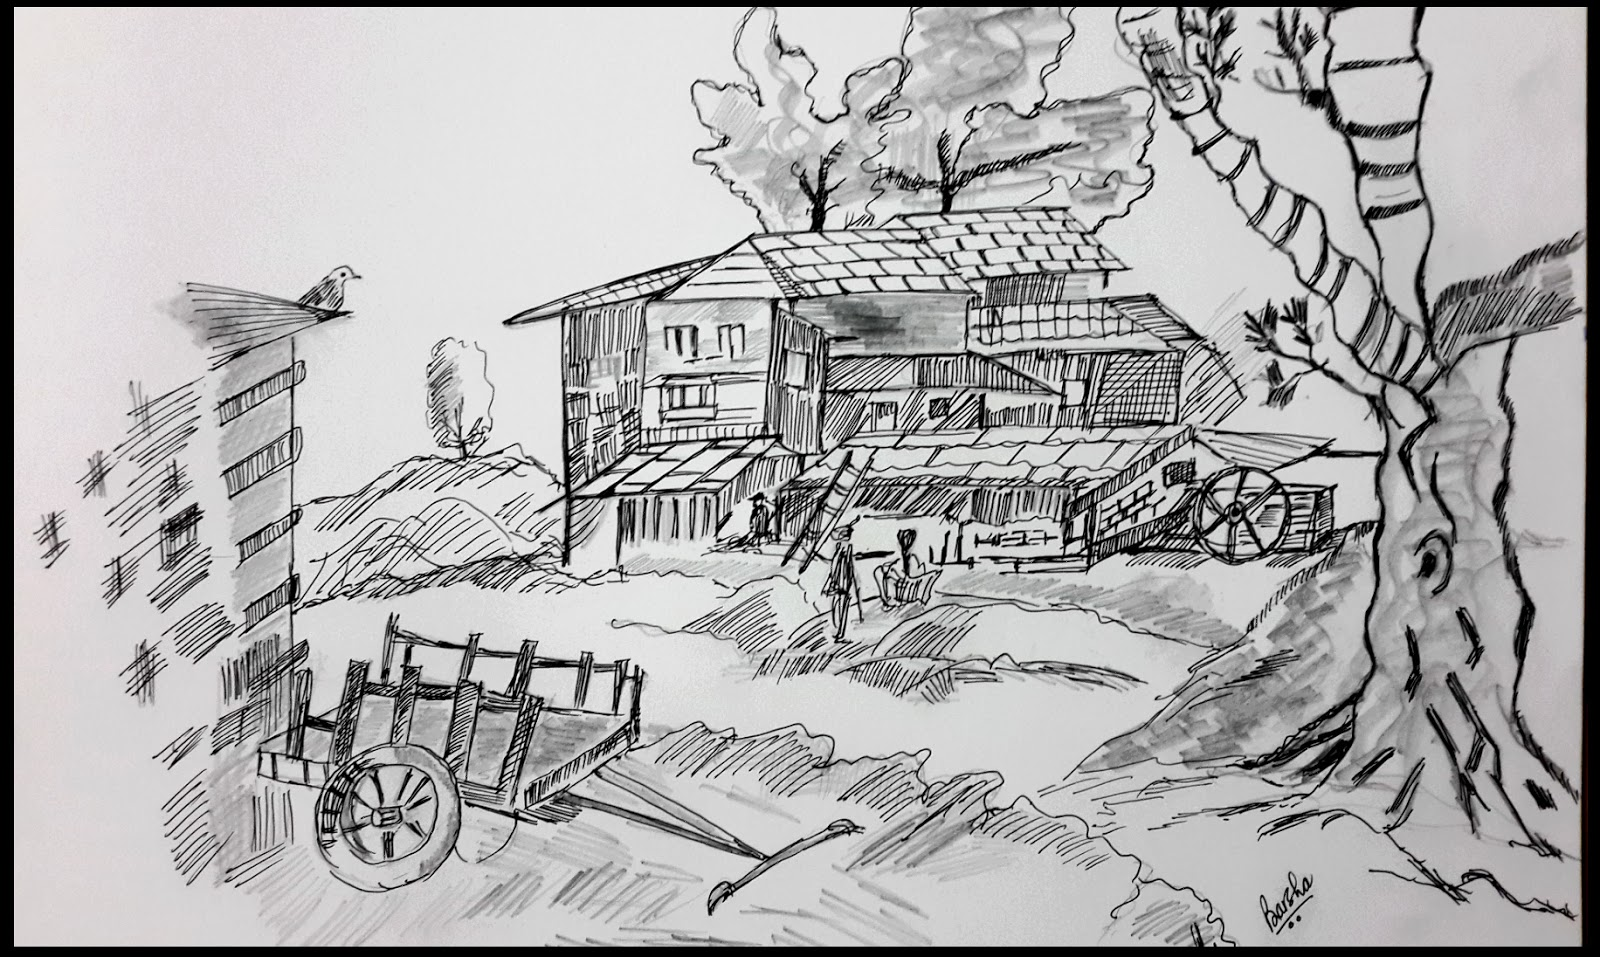 Village scene ink n pencil on a3 size sketchbook